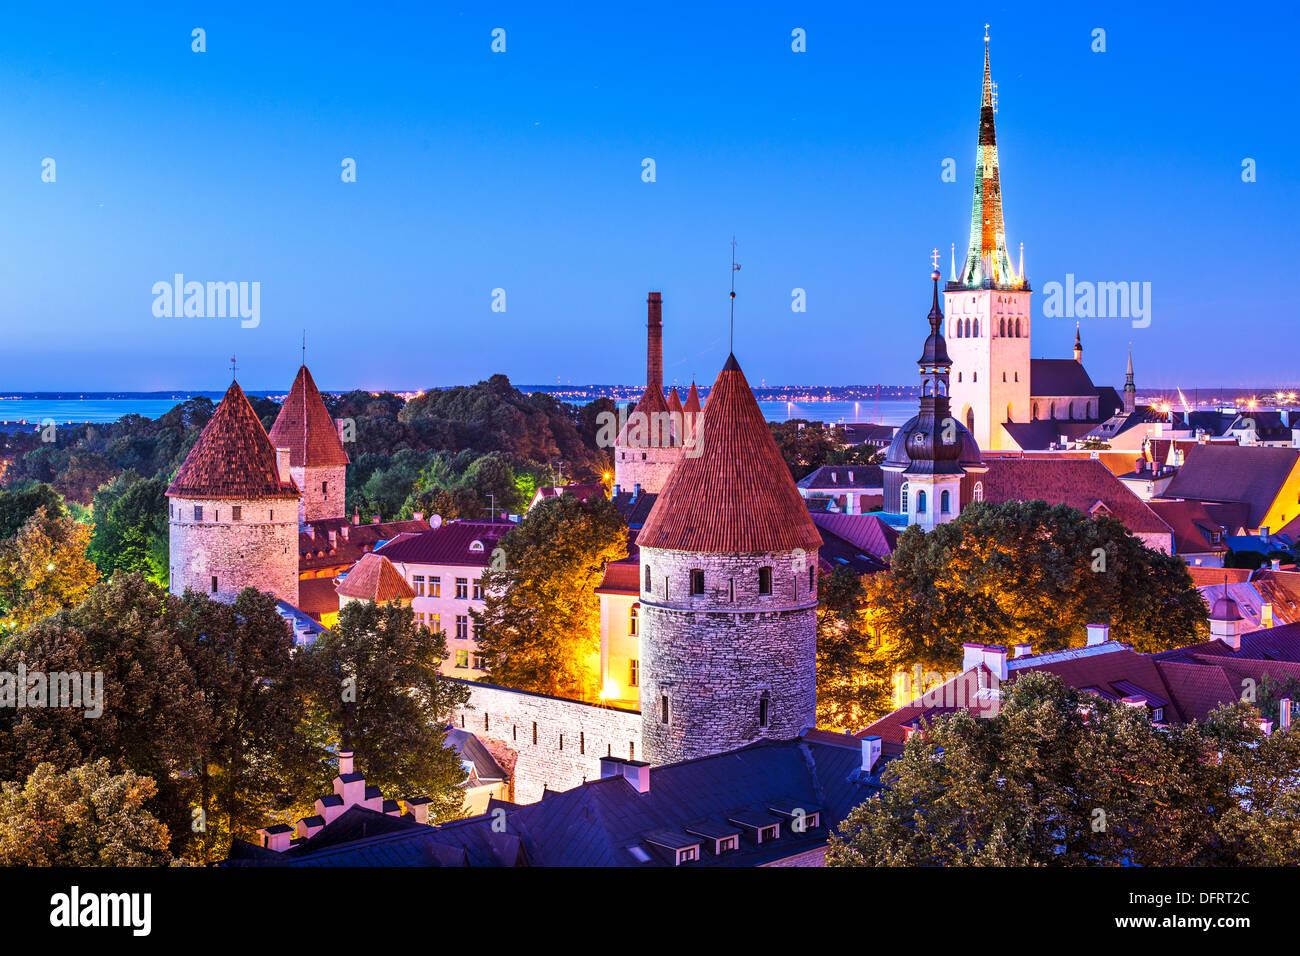 Skyline of Tallinn, Estonia at dusk. - Stock Image